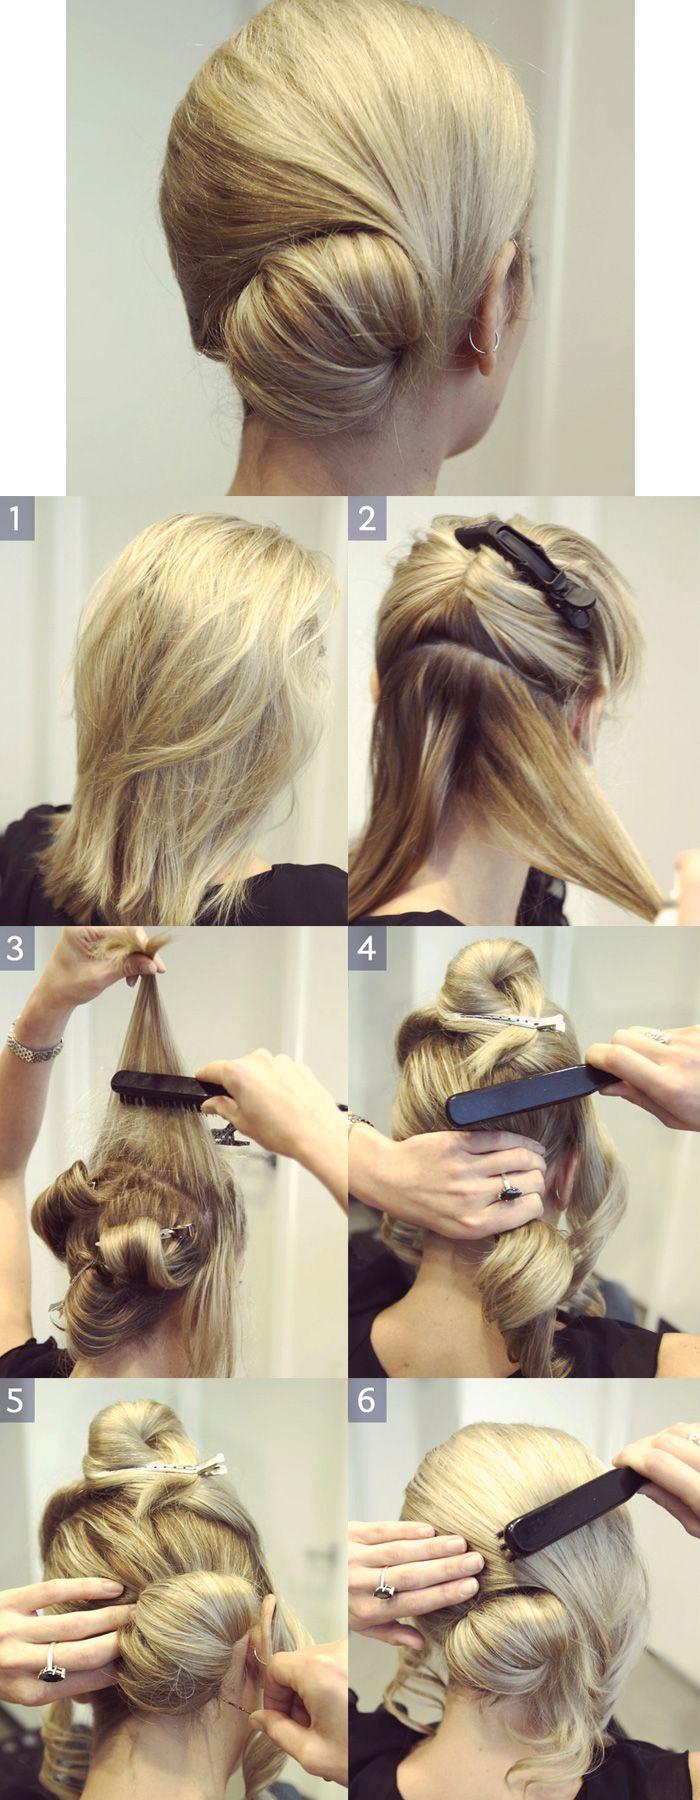 Vackra frisyrer för dig med mellanlångt hår | Damernas Värld